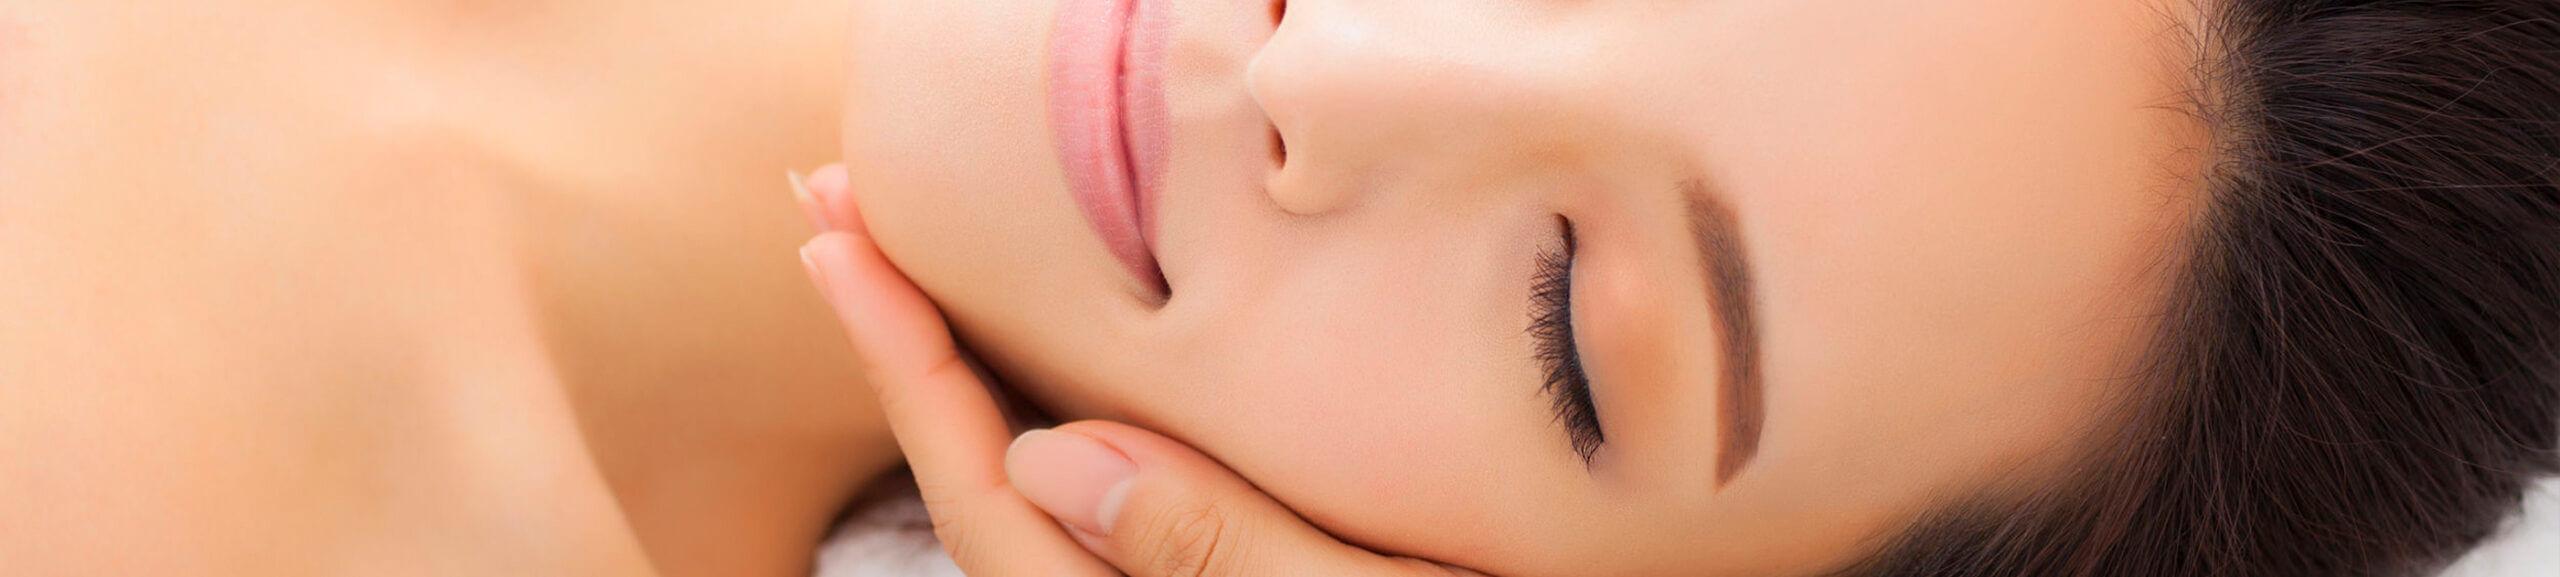 Beautybehandlung und Gesichtsmassage